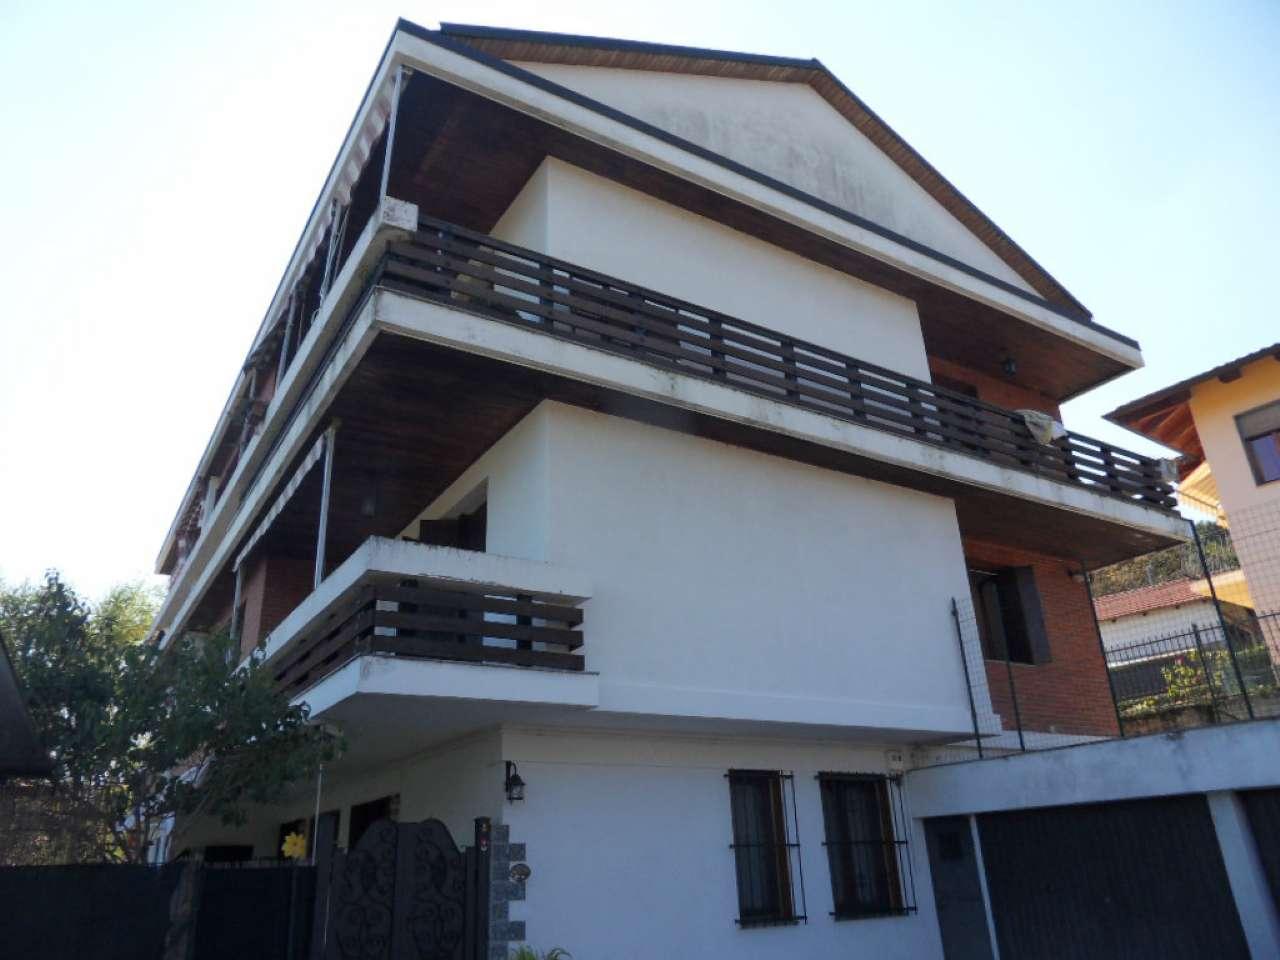 Appartamento in vendita a Givoletto, 3 locali, prezzo € 163.000 | CambioCasa.it